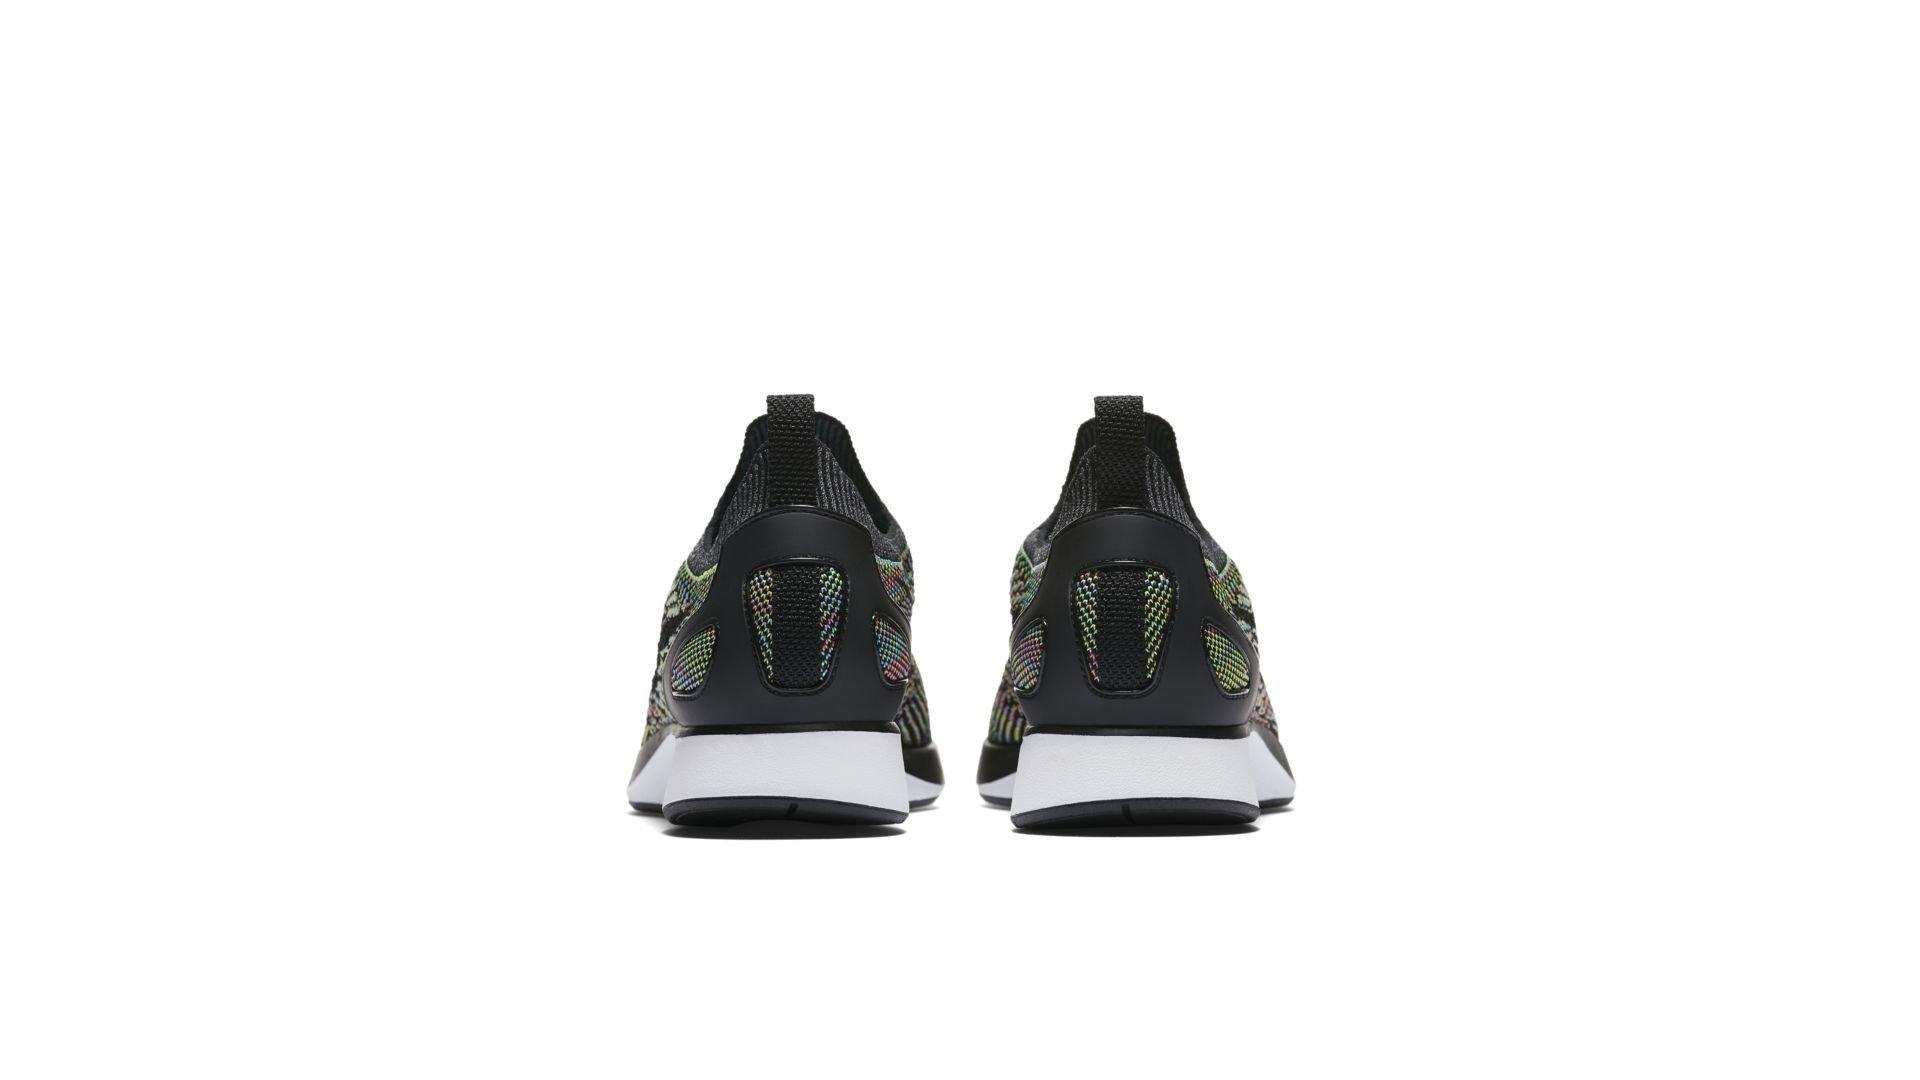 Nike Flyknit Racer 917658-101